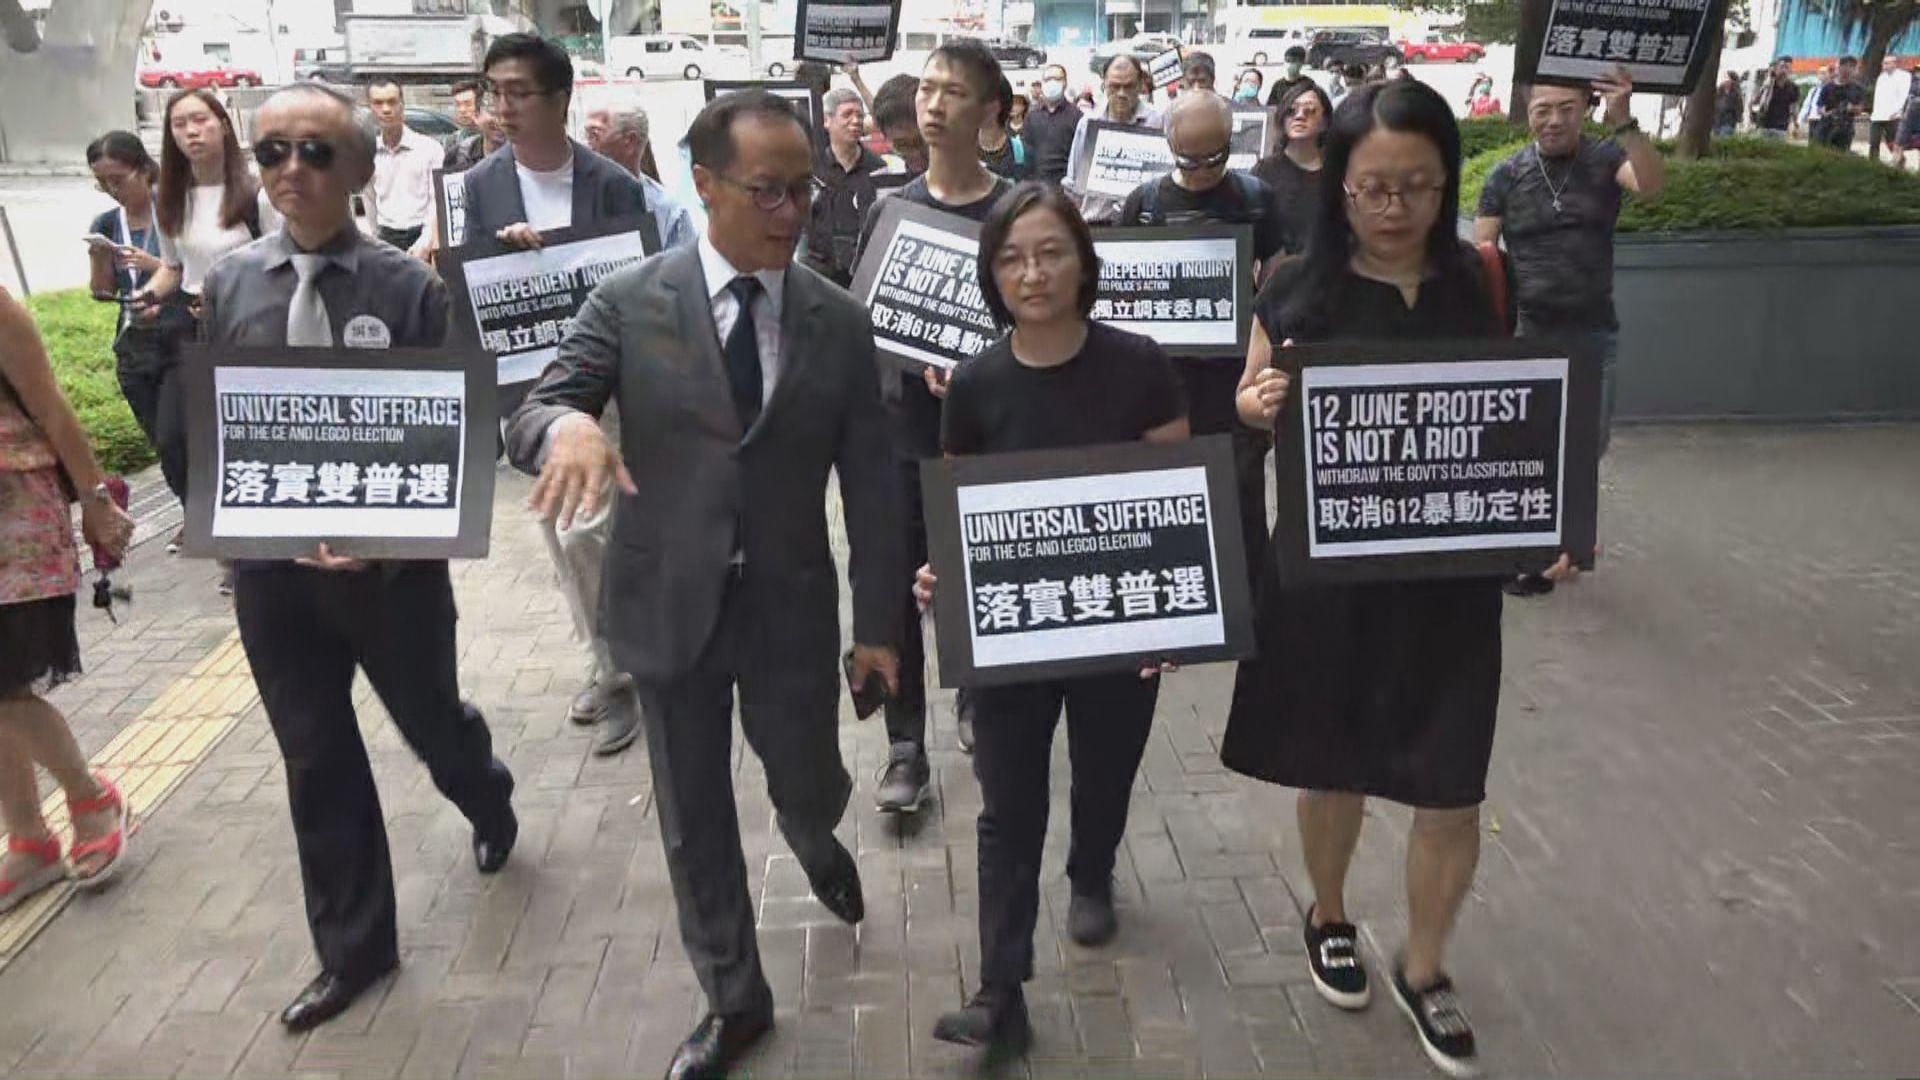 會計界遊行要求政府回應民間五大訴求